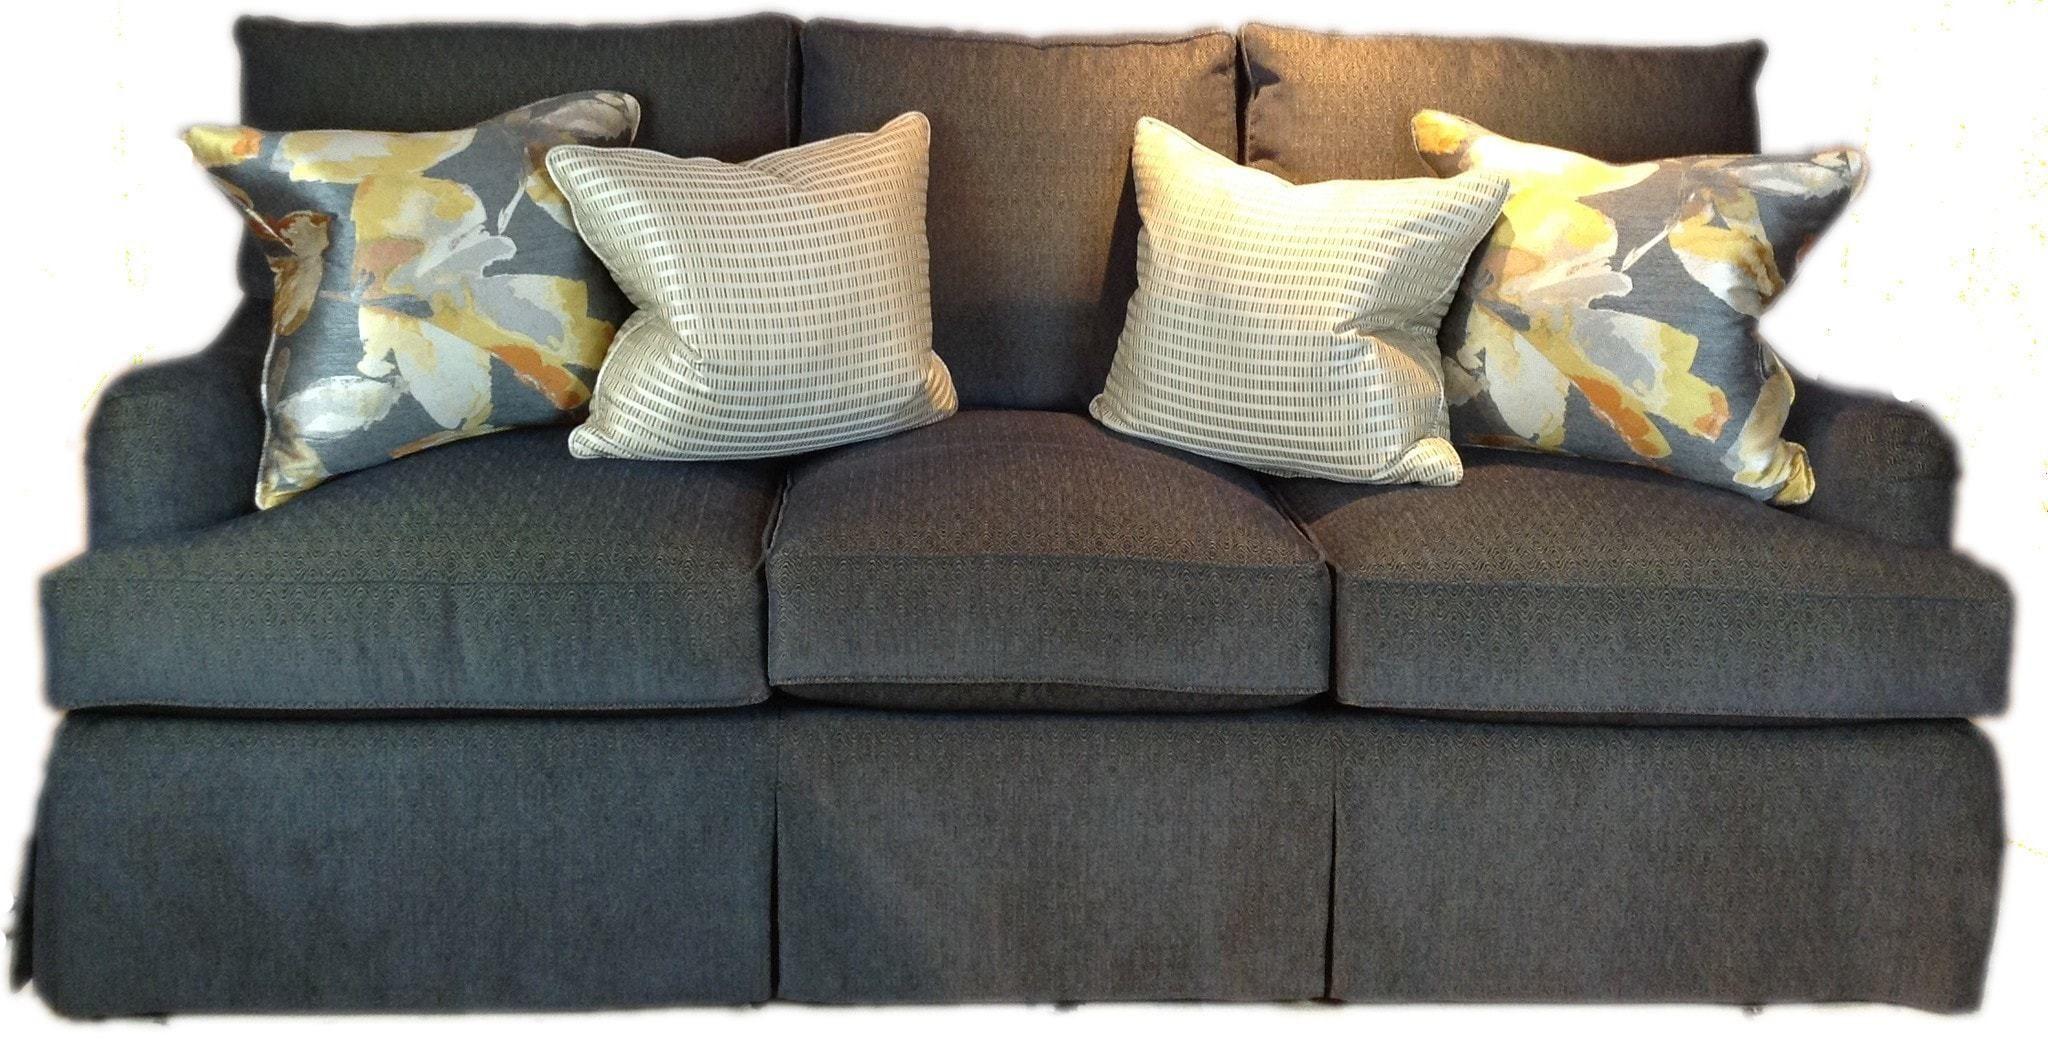 Fireside sofa chair h2000cxh1203 sofachair fireside